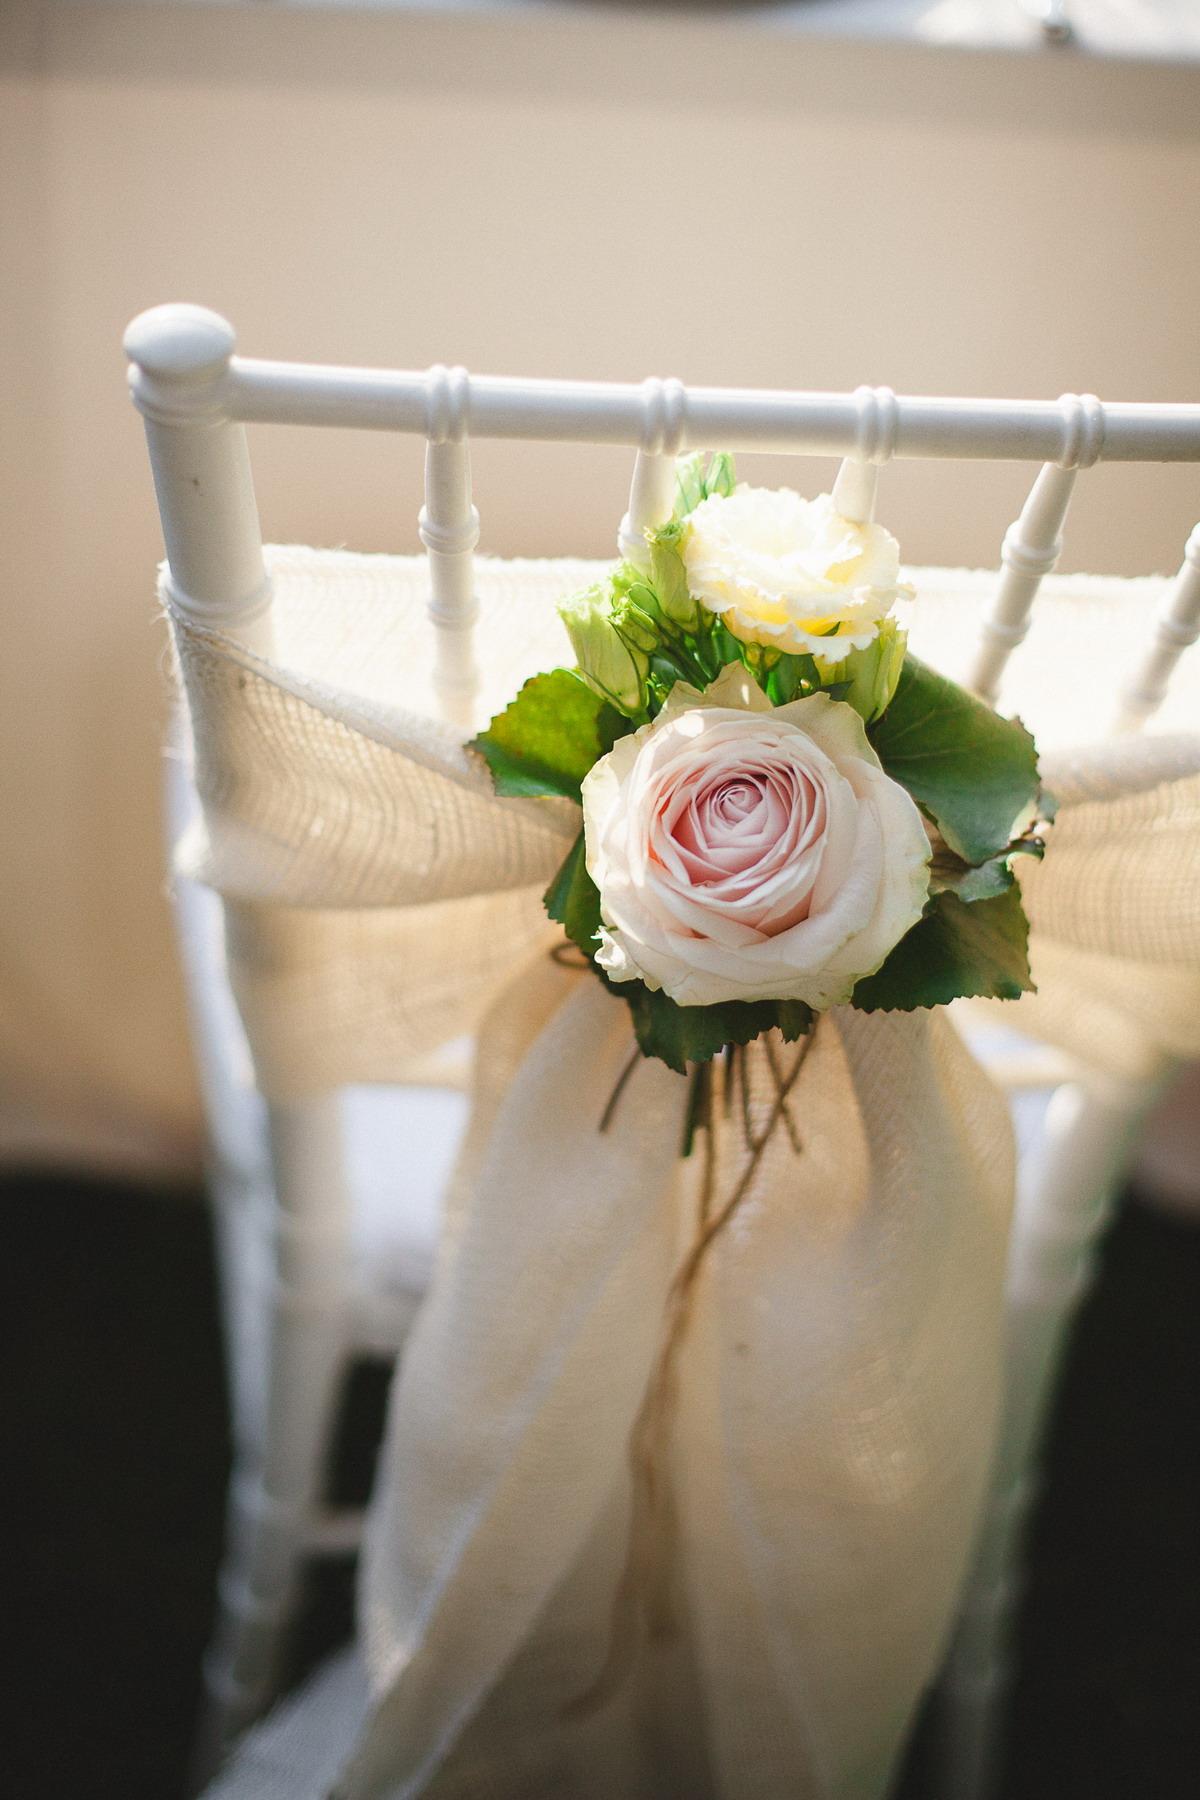 decorazione sedia con iuta e fiori